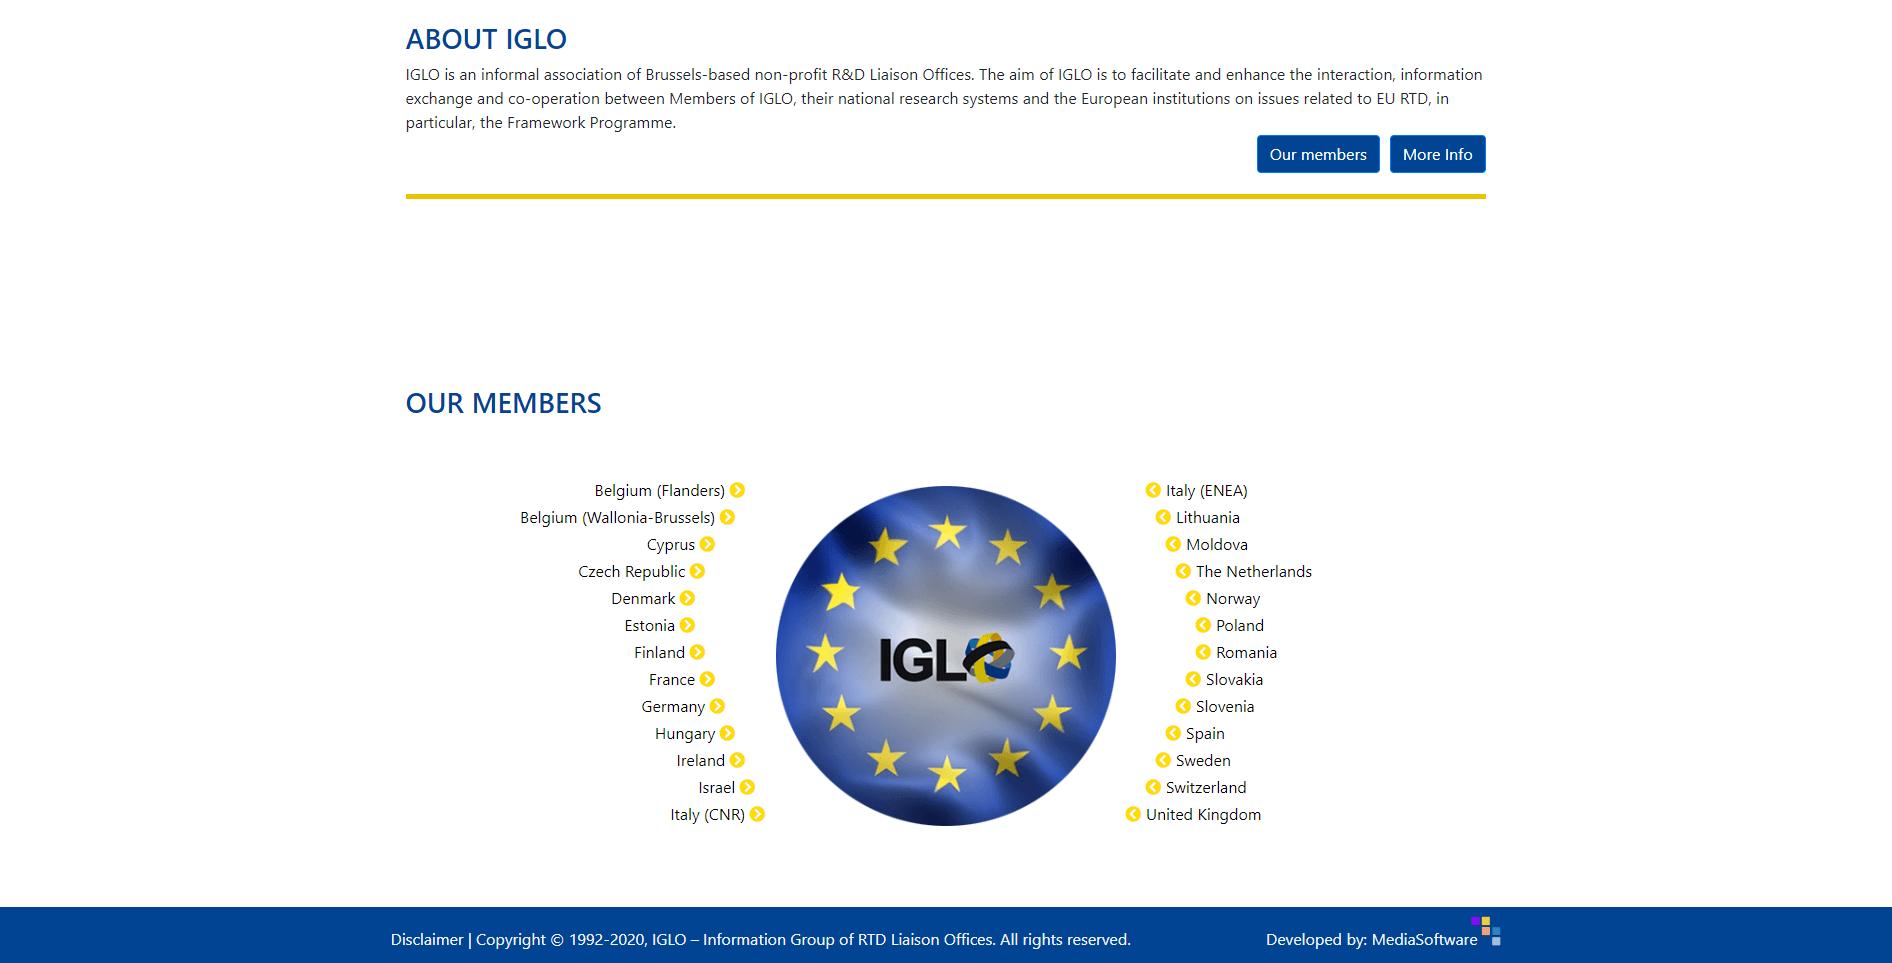 iglosite2